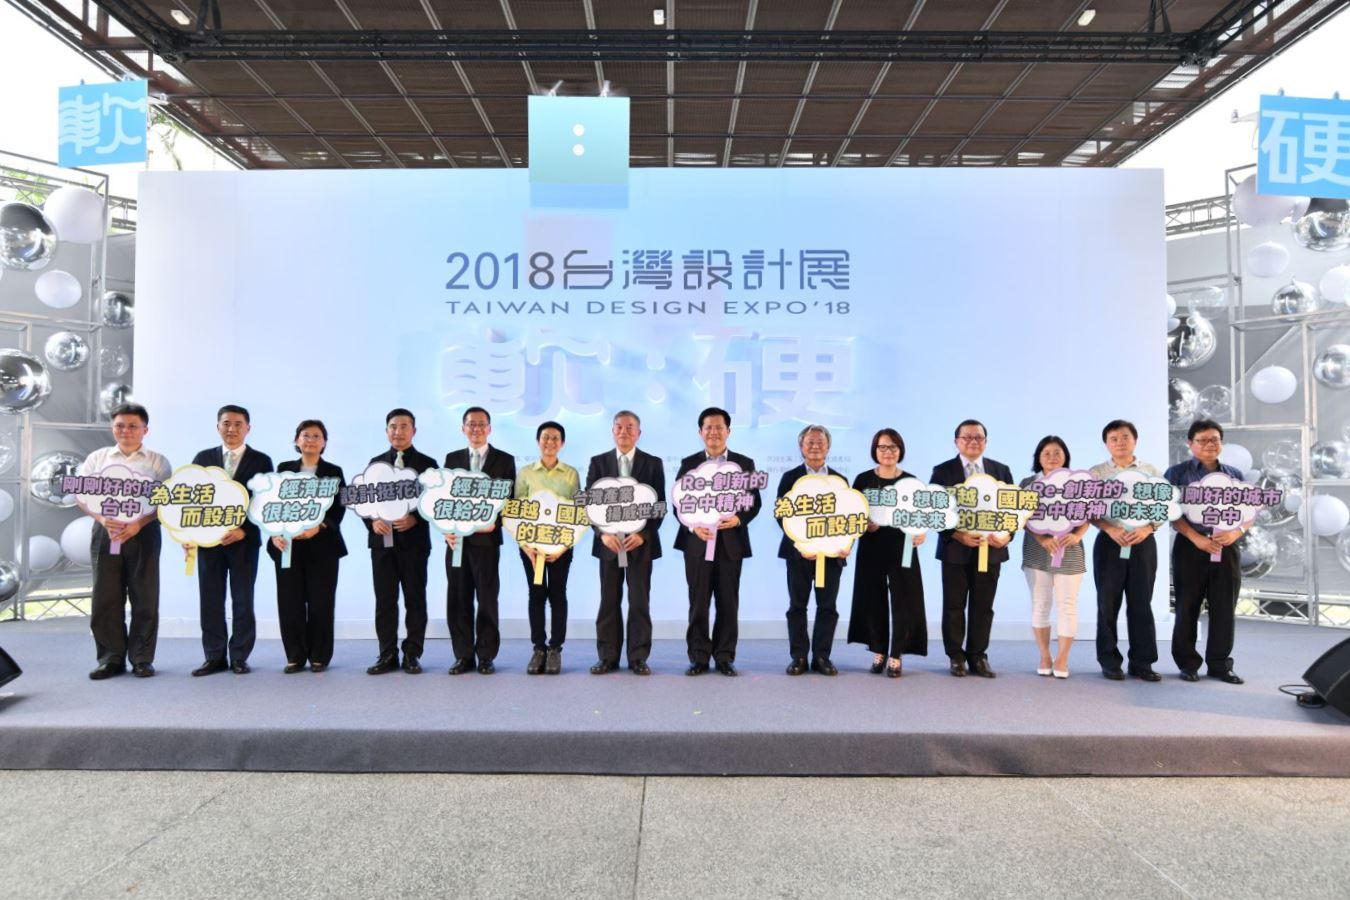 2018台灣設計展@臺中 軟硬整合展現產業未來